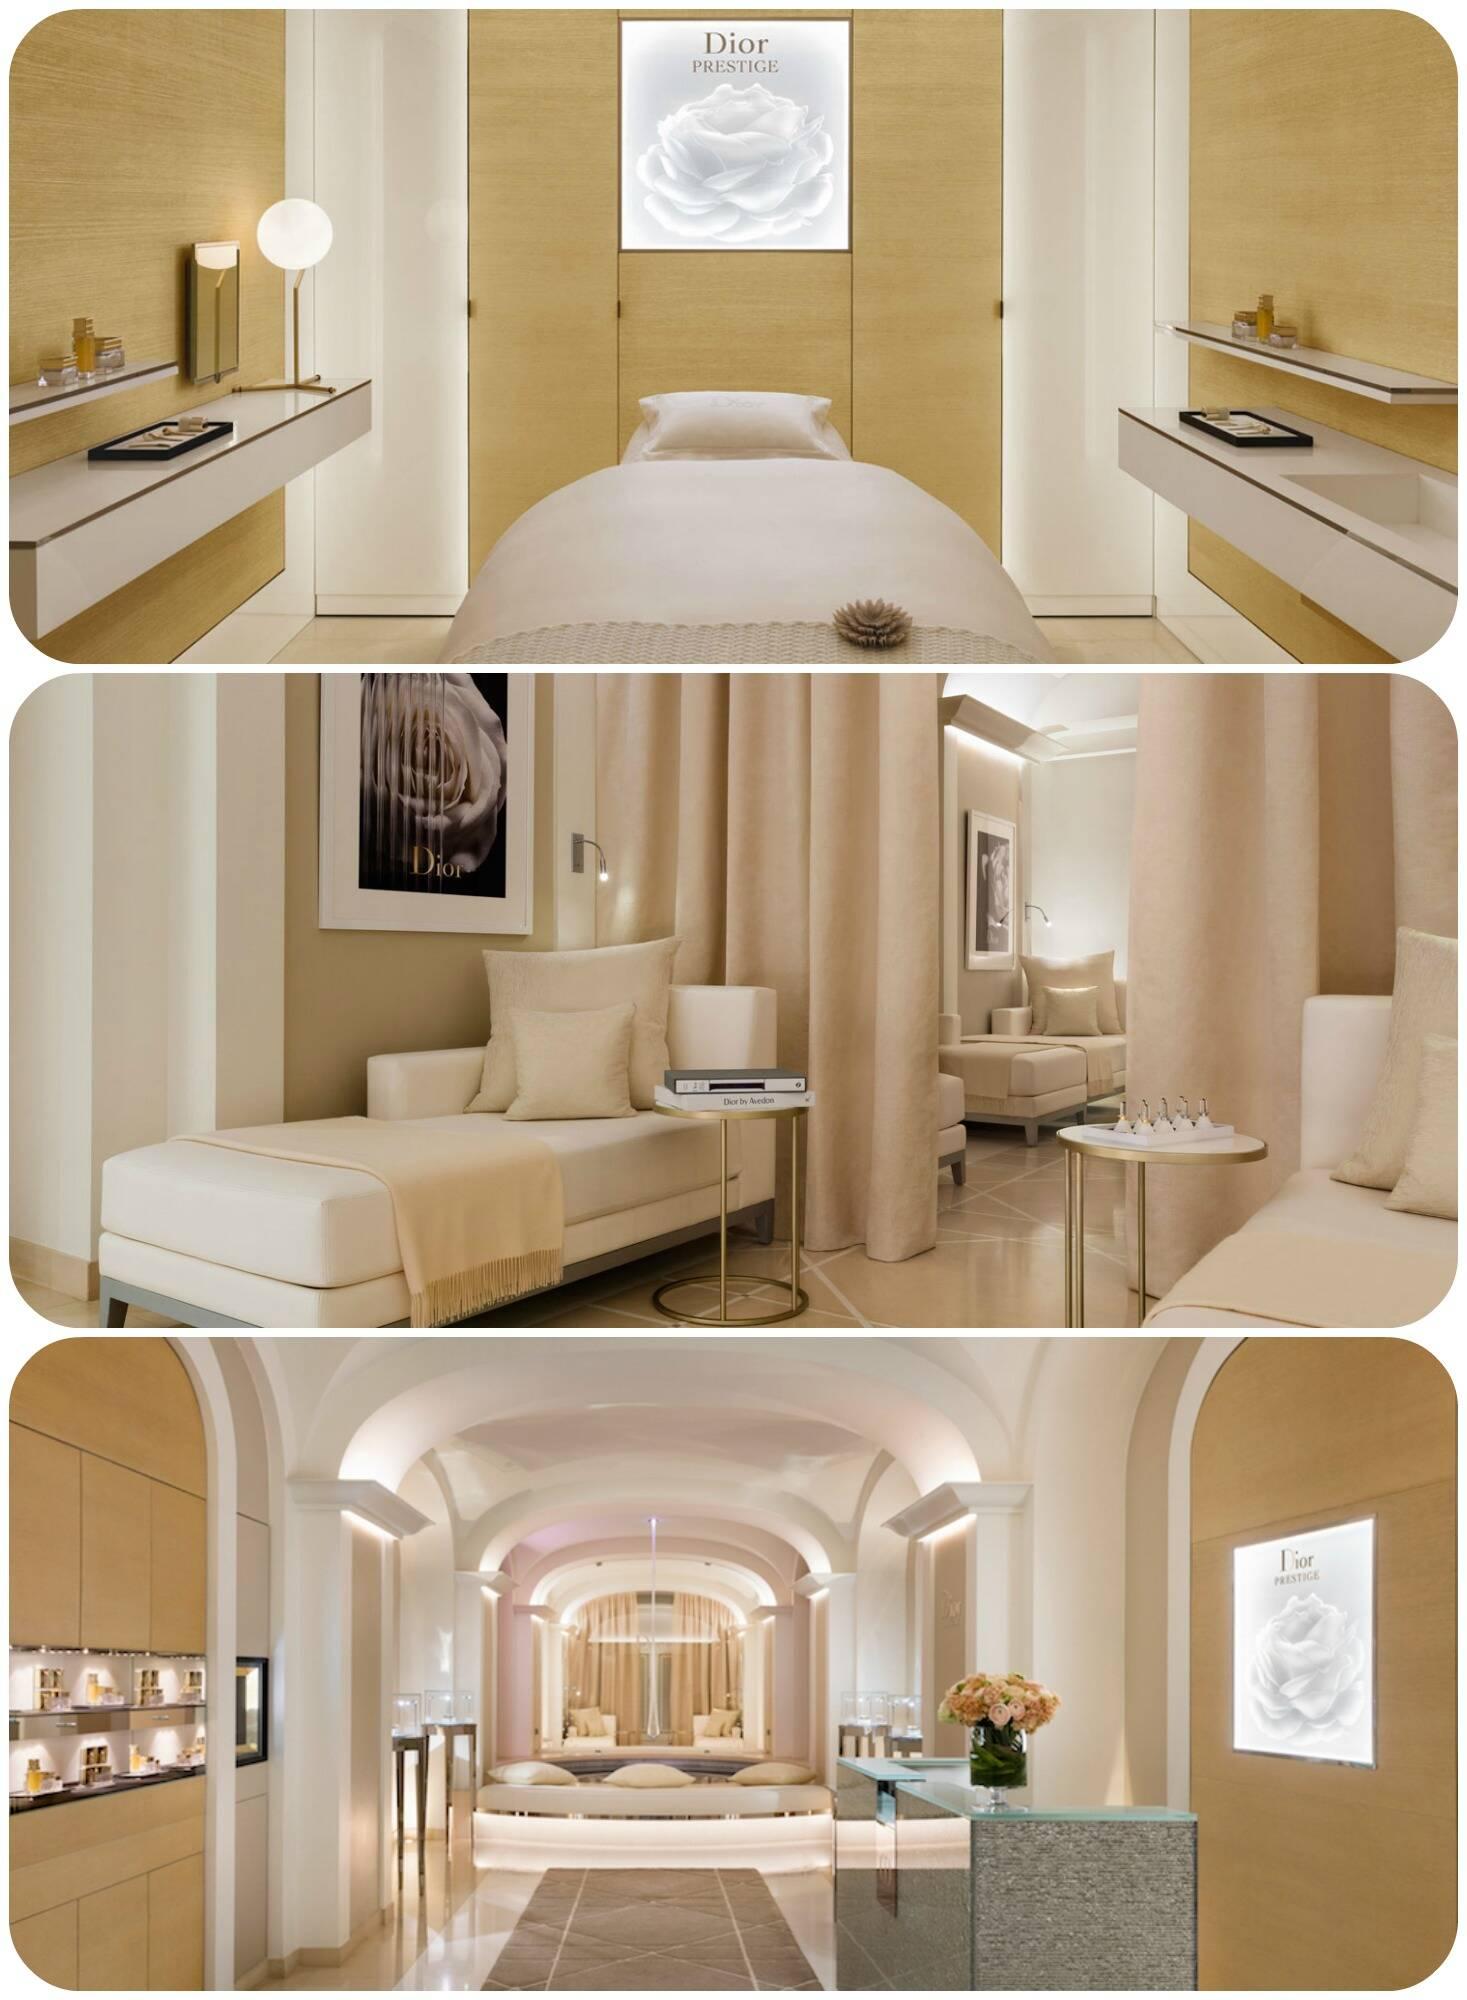 O Dior Institut, no Plaza Athénée, em Paris, foi reformado e agora tem uma área dedicada apenas ao tratamento de beleza